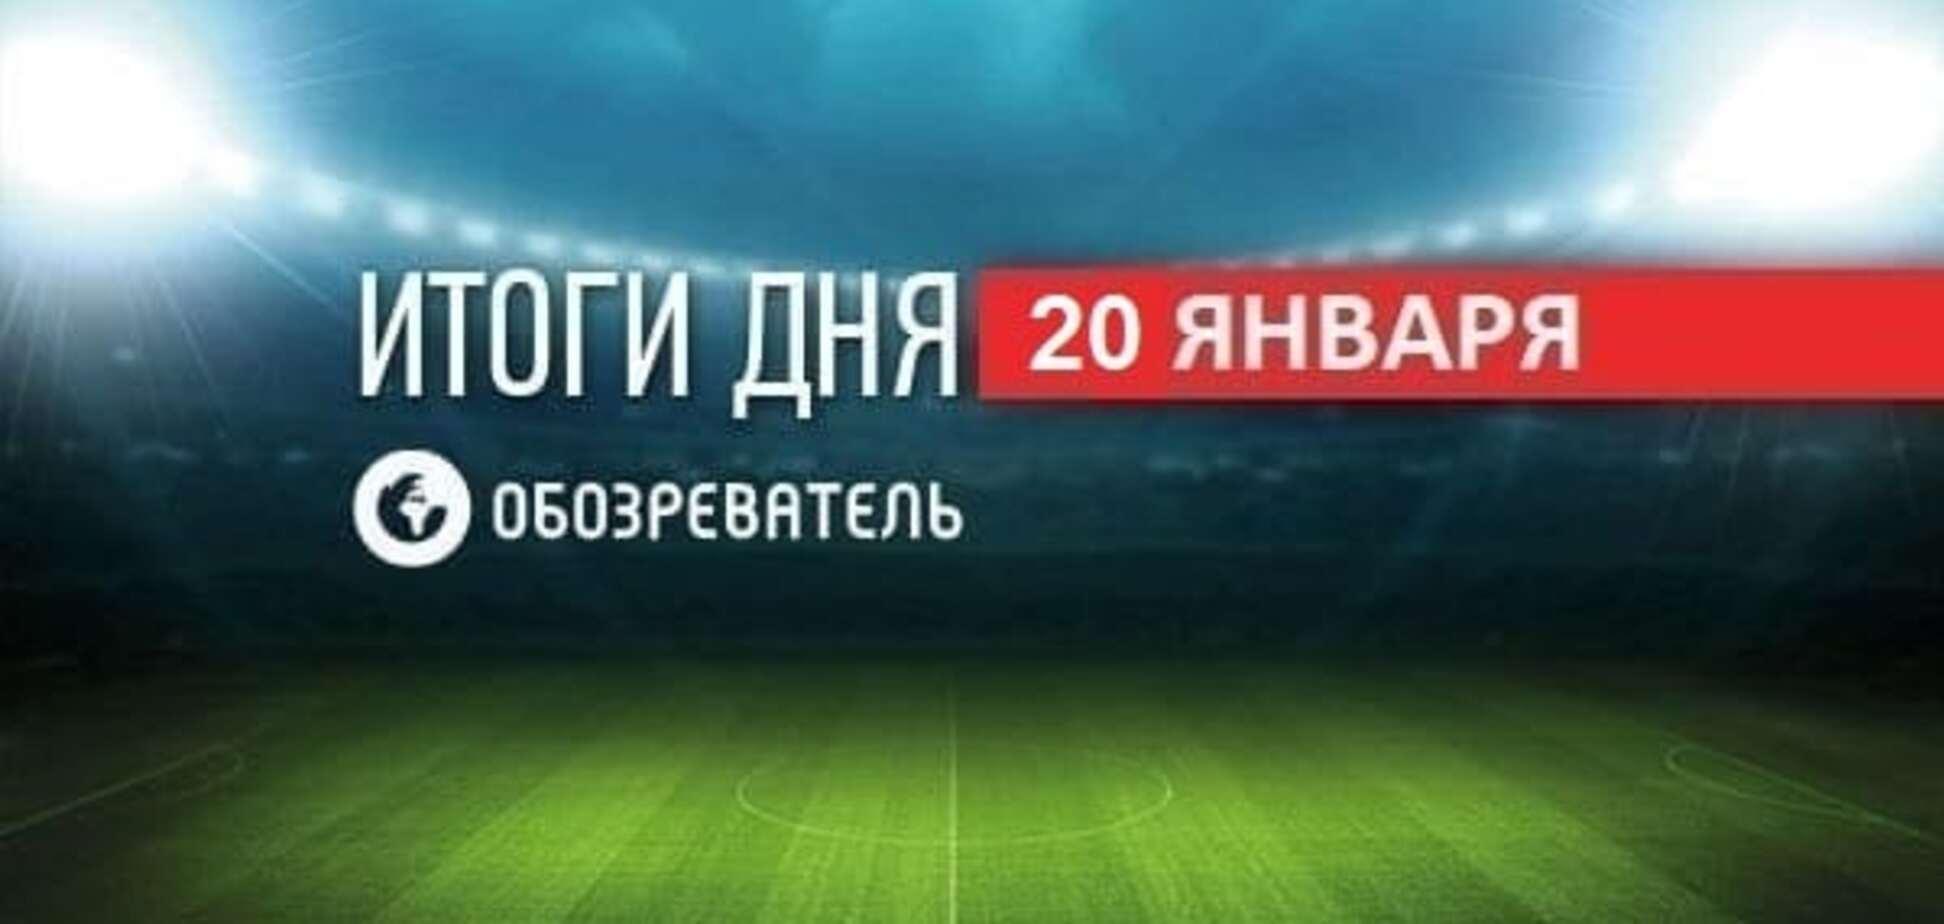 Дата реваншу Кличка і шокуючий трансфер 'Дніпра'. Спортивні підсумки за 20 січня